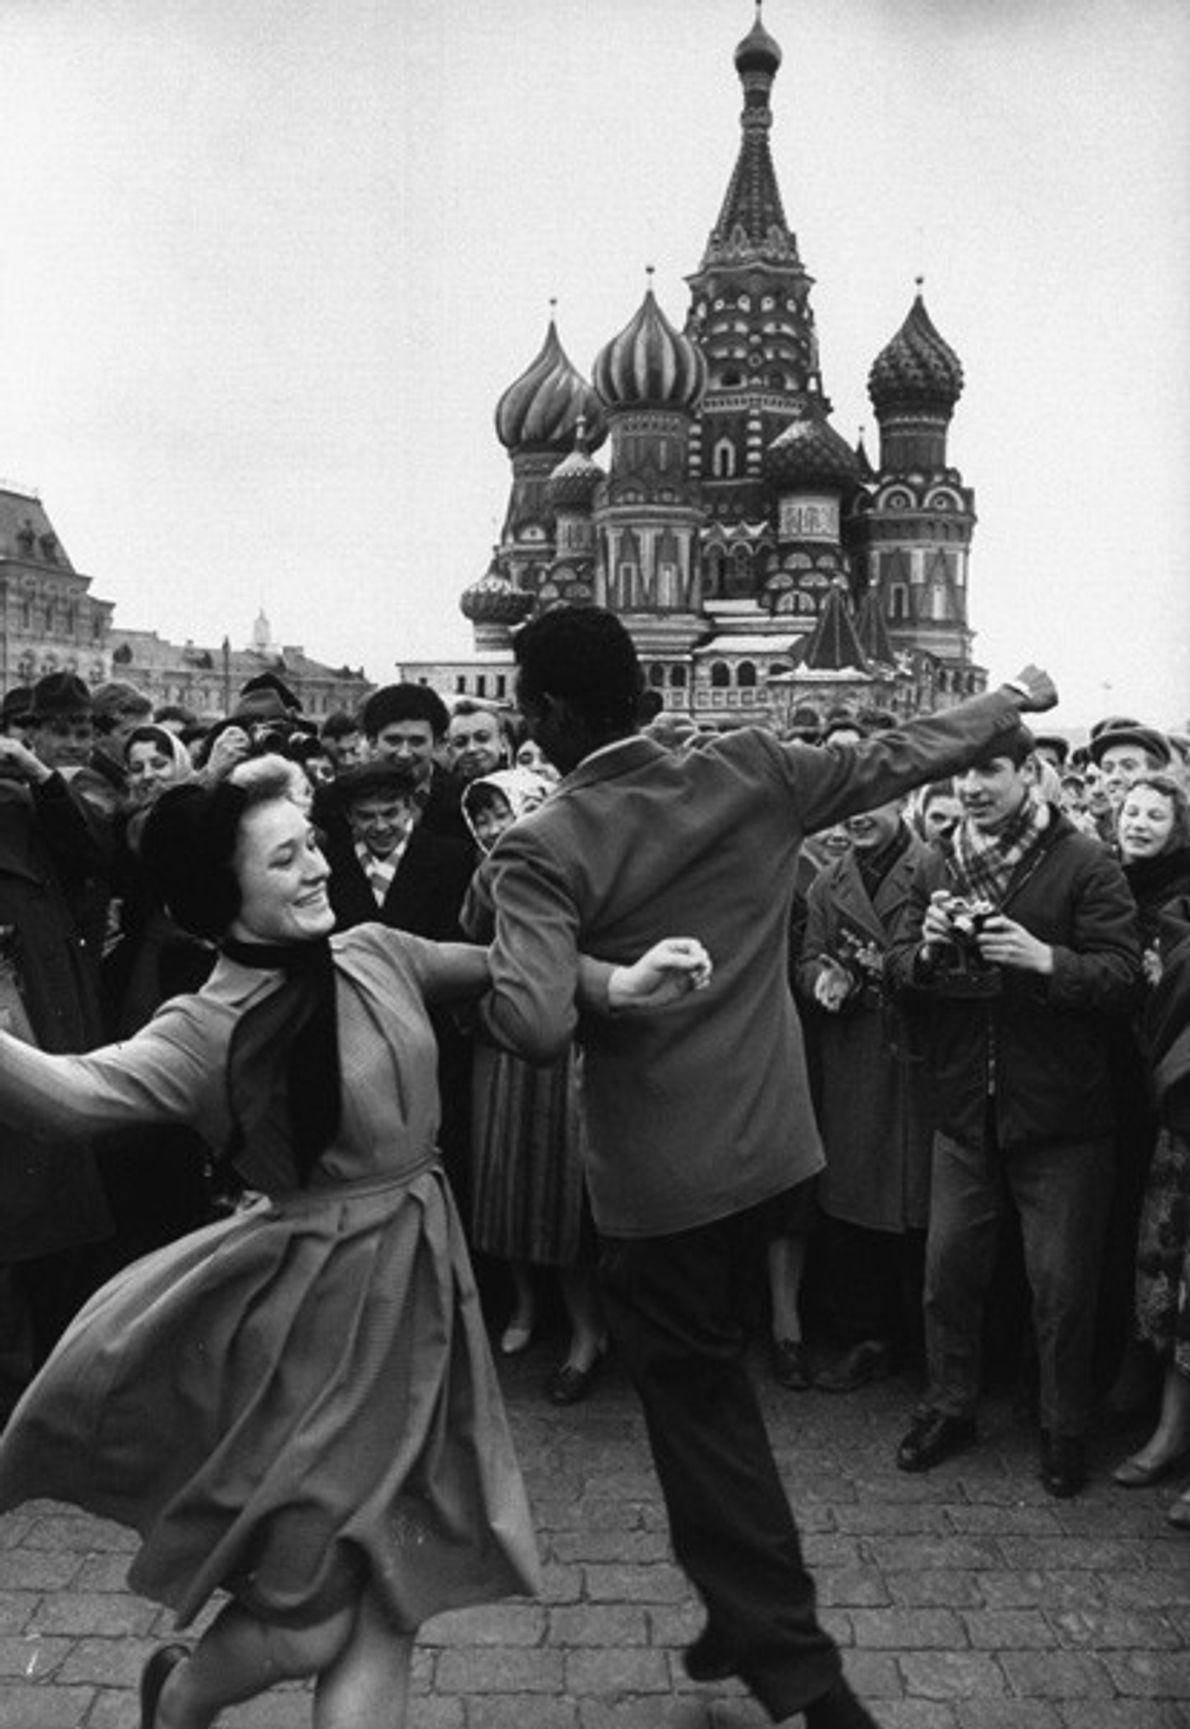 Festejos en honor a Gagarin